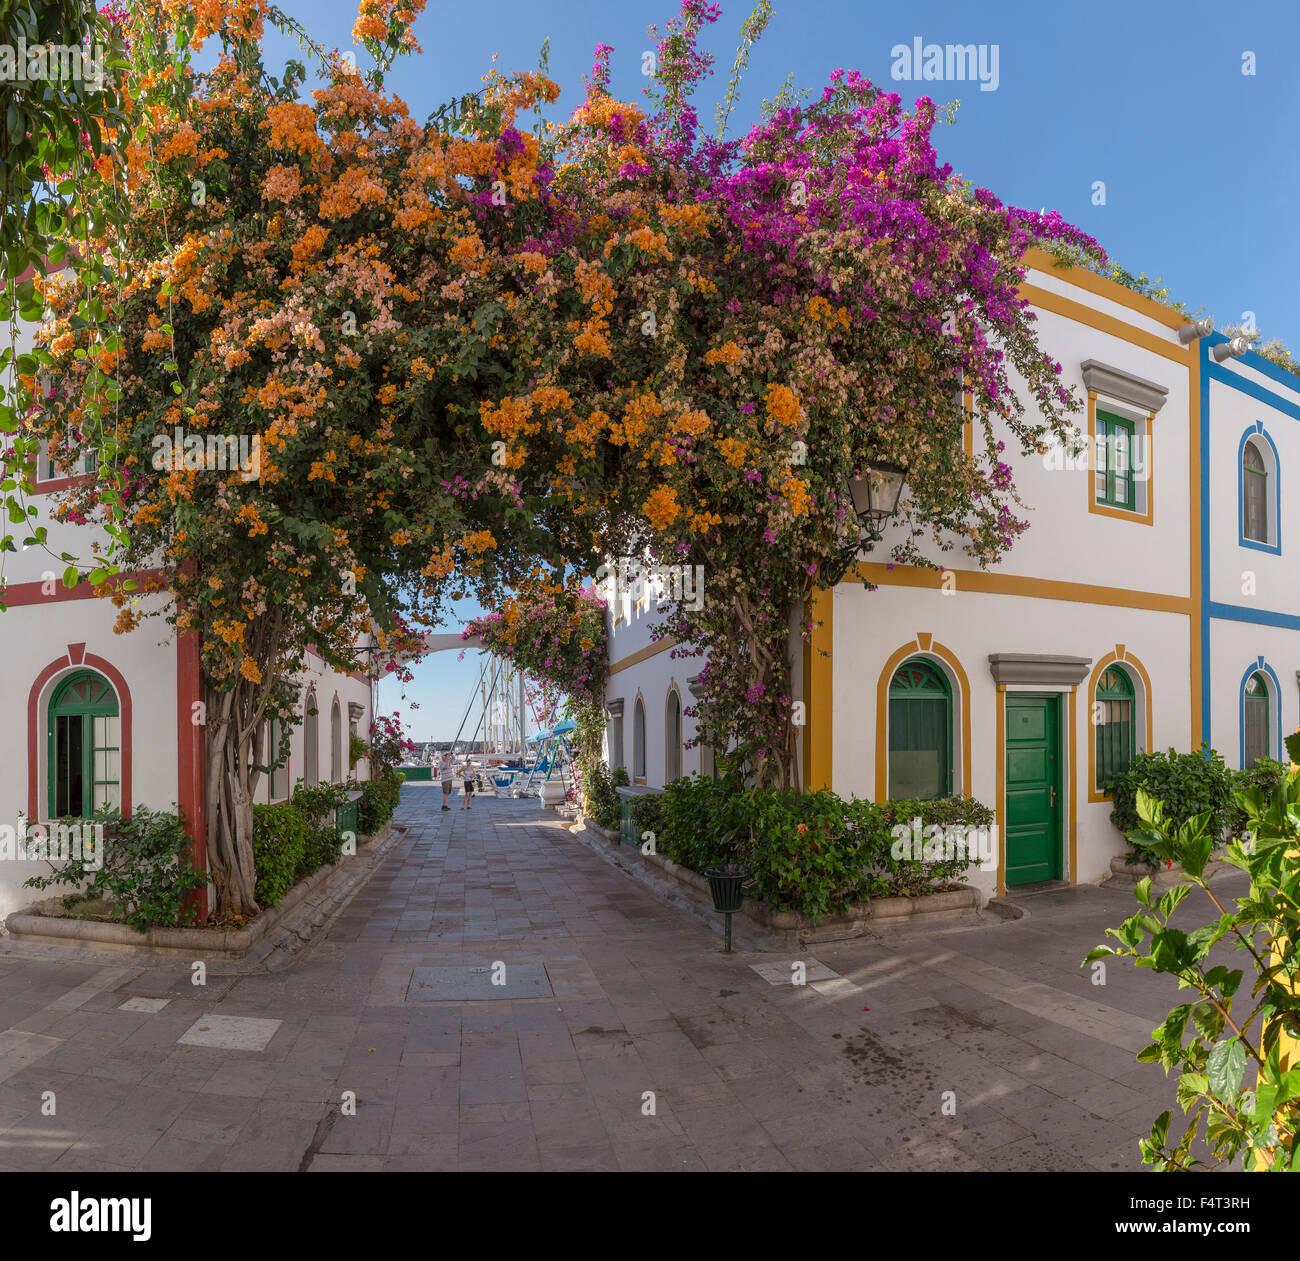 Spanien, Europa, Puerto de Mogan, Gran Canaria, Kanarische Inseln, Urlaub, Dorf, Stadt, Dorf, Blumen, Sommer, Stockbild